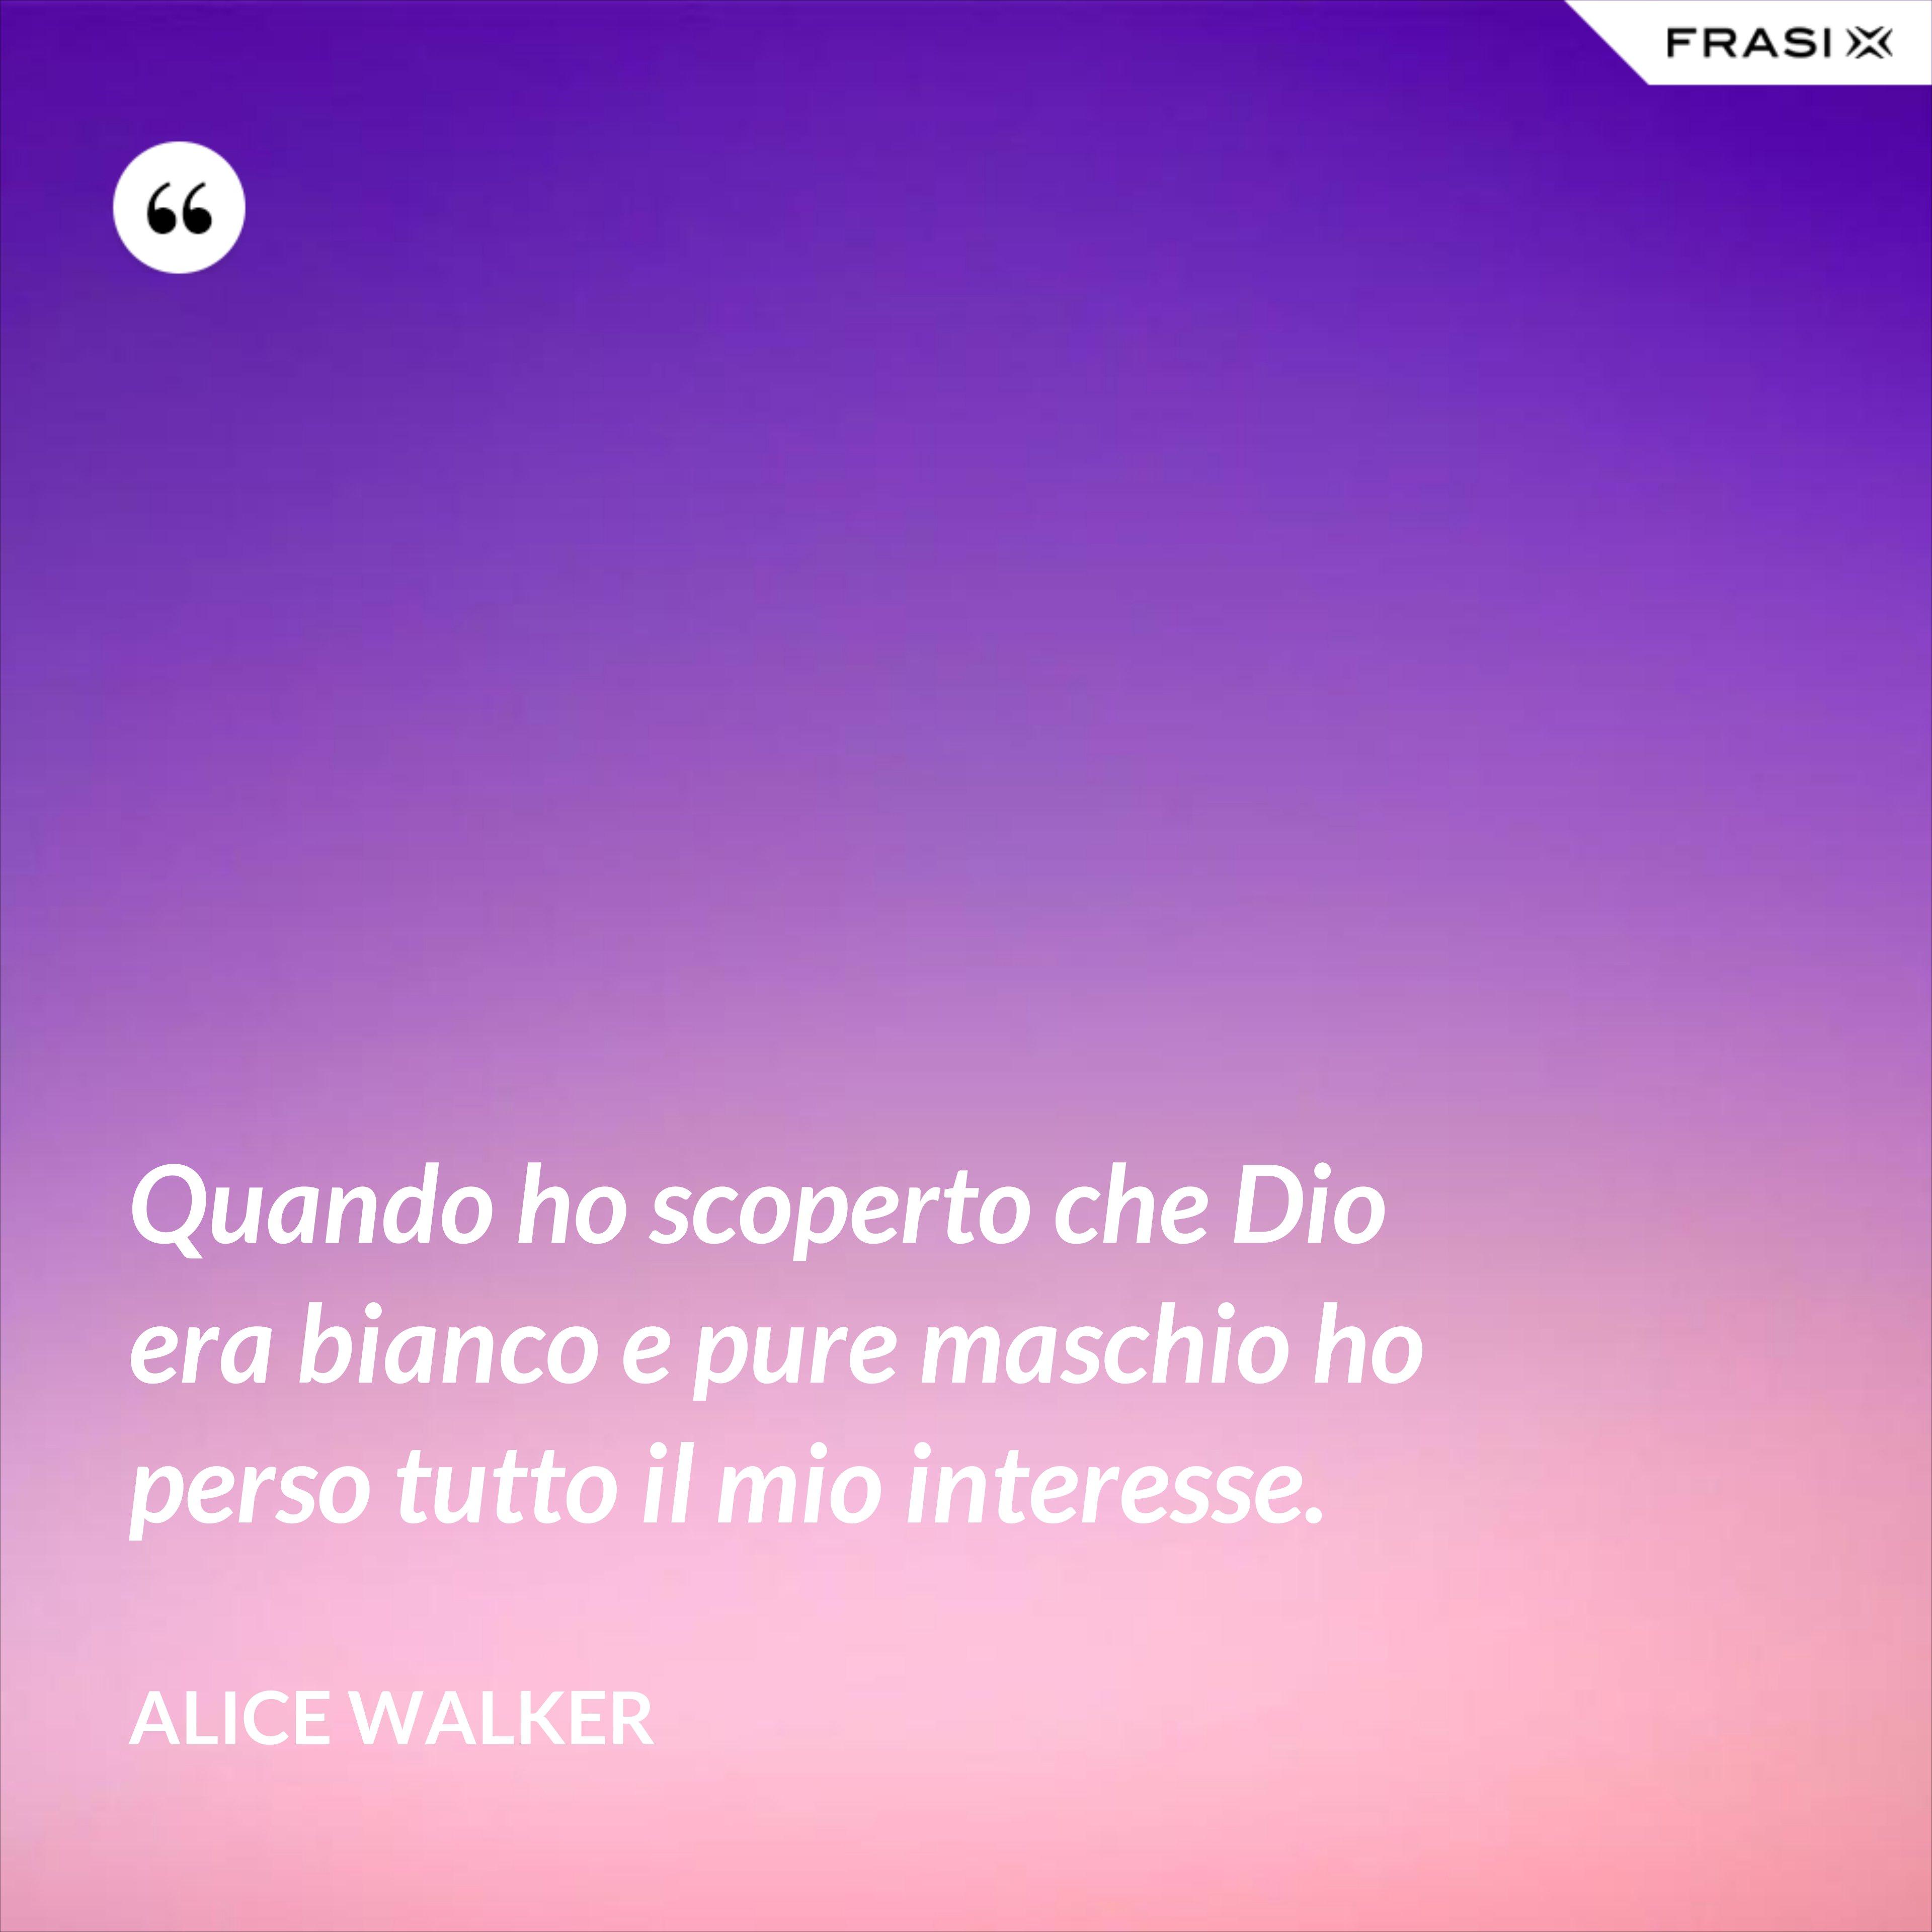 Quando ho scoperto che Dio era bianco e pure maschio ho perso tutto il mio interesse. - Alice Walker